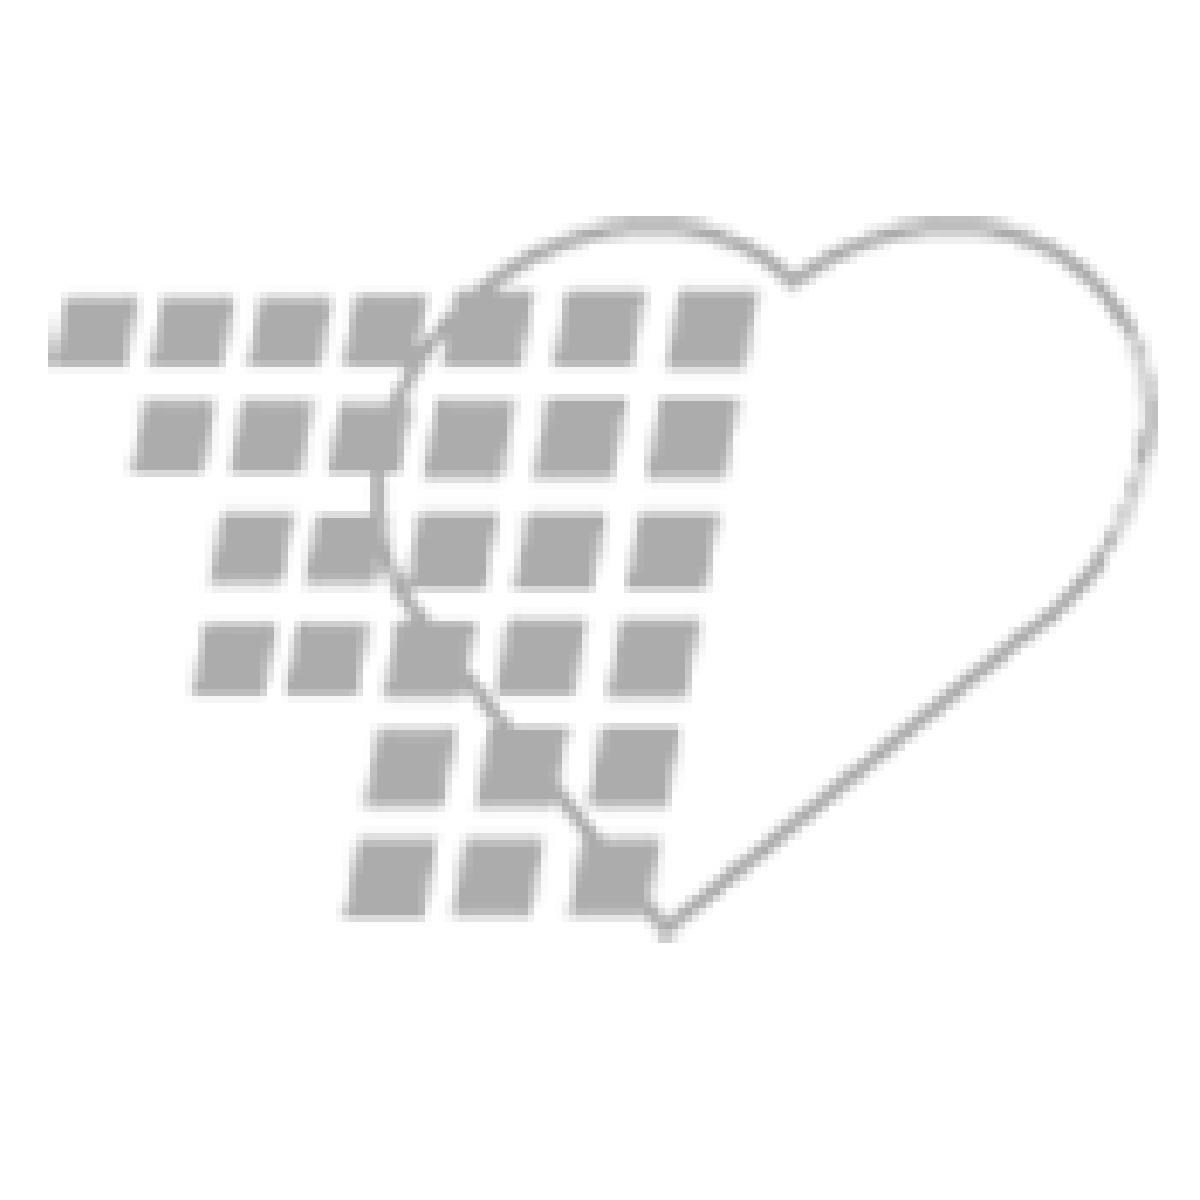 06-93-7513 Demo Dose® Heparn Multiple Vial/IV Kit